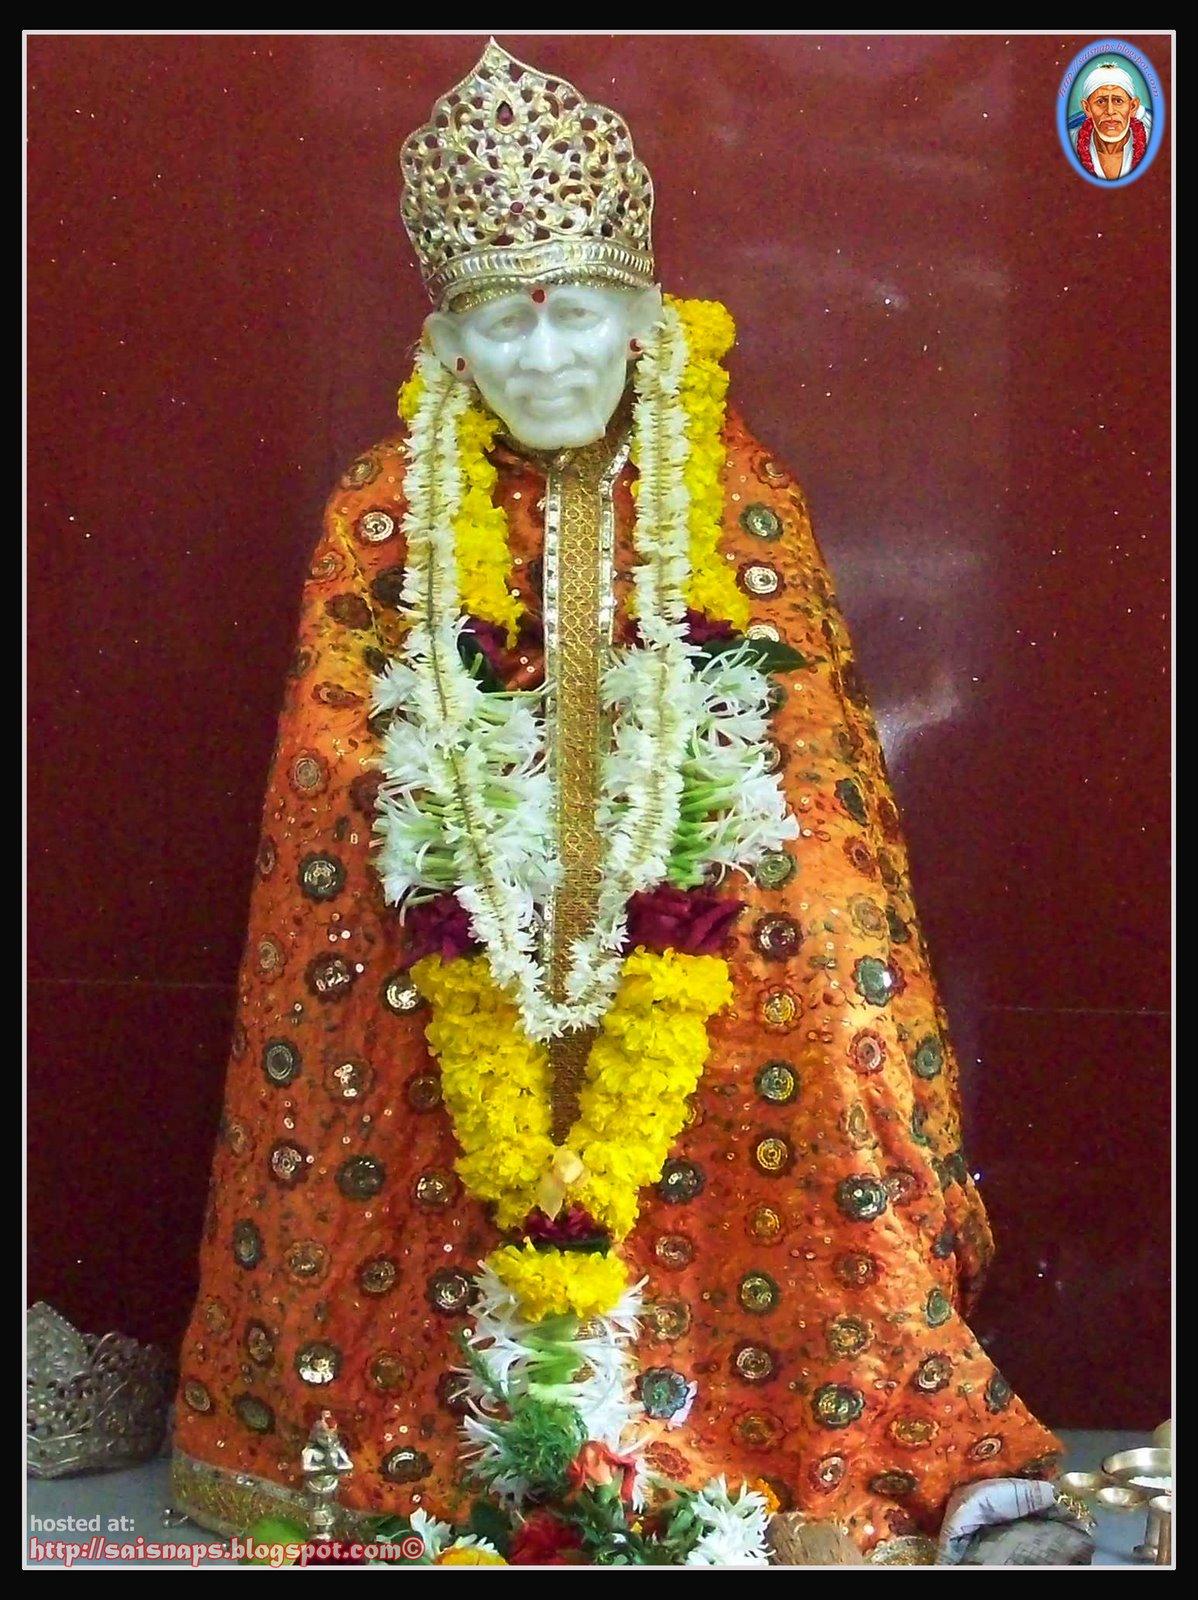 Sai Wallpaper: Shirdi Sai Baba Mandir, Sri Sai Bala Mitra ...